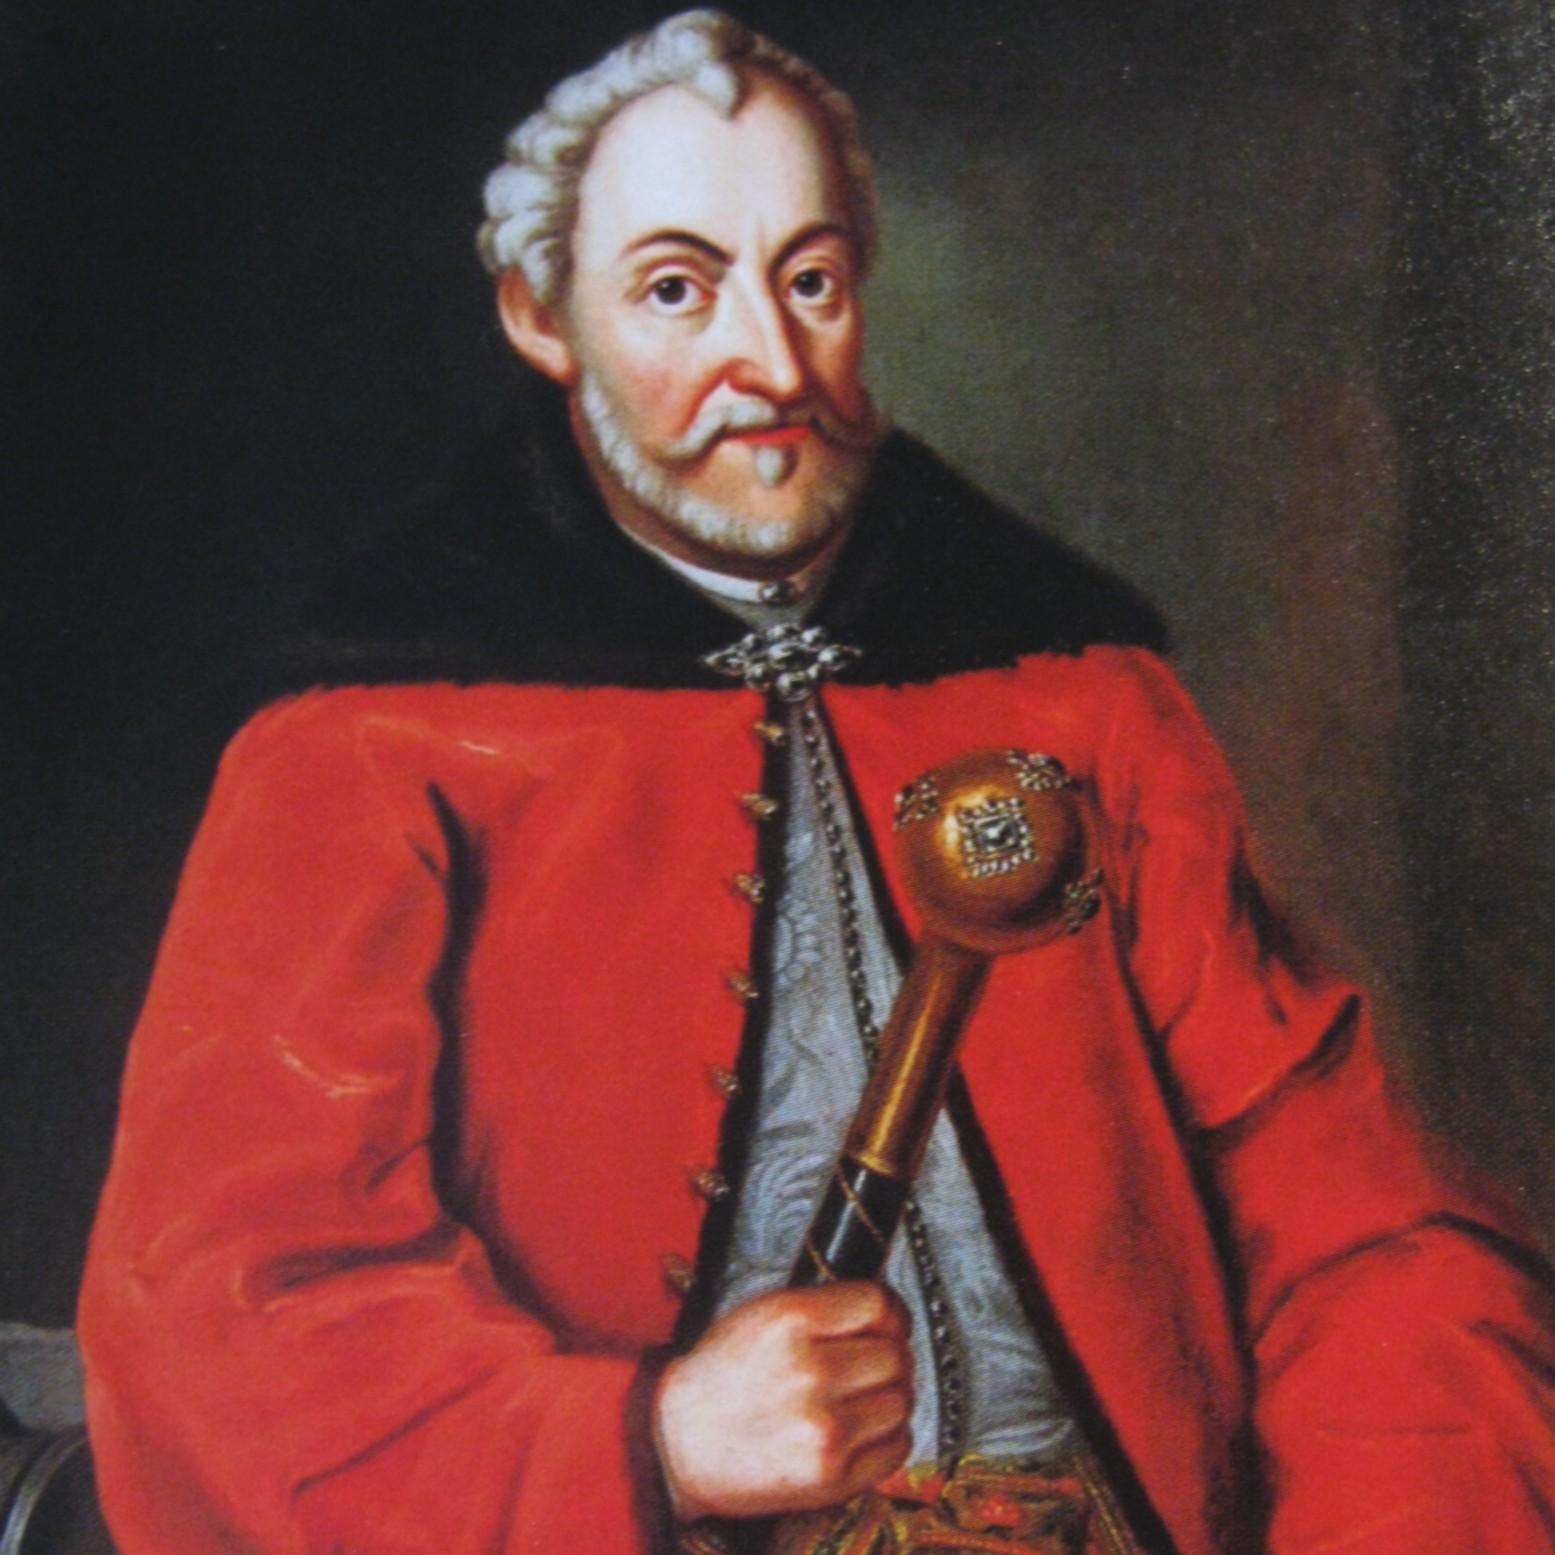 Jan Zamoyski na portrecie z epoki.